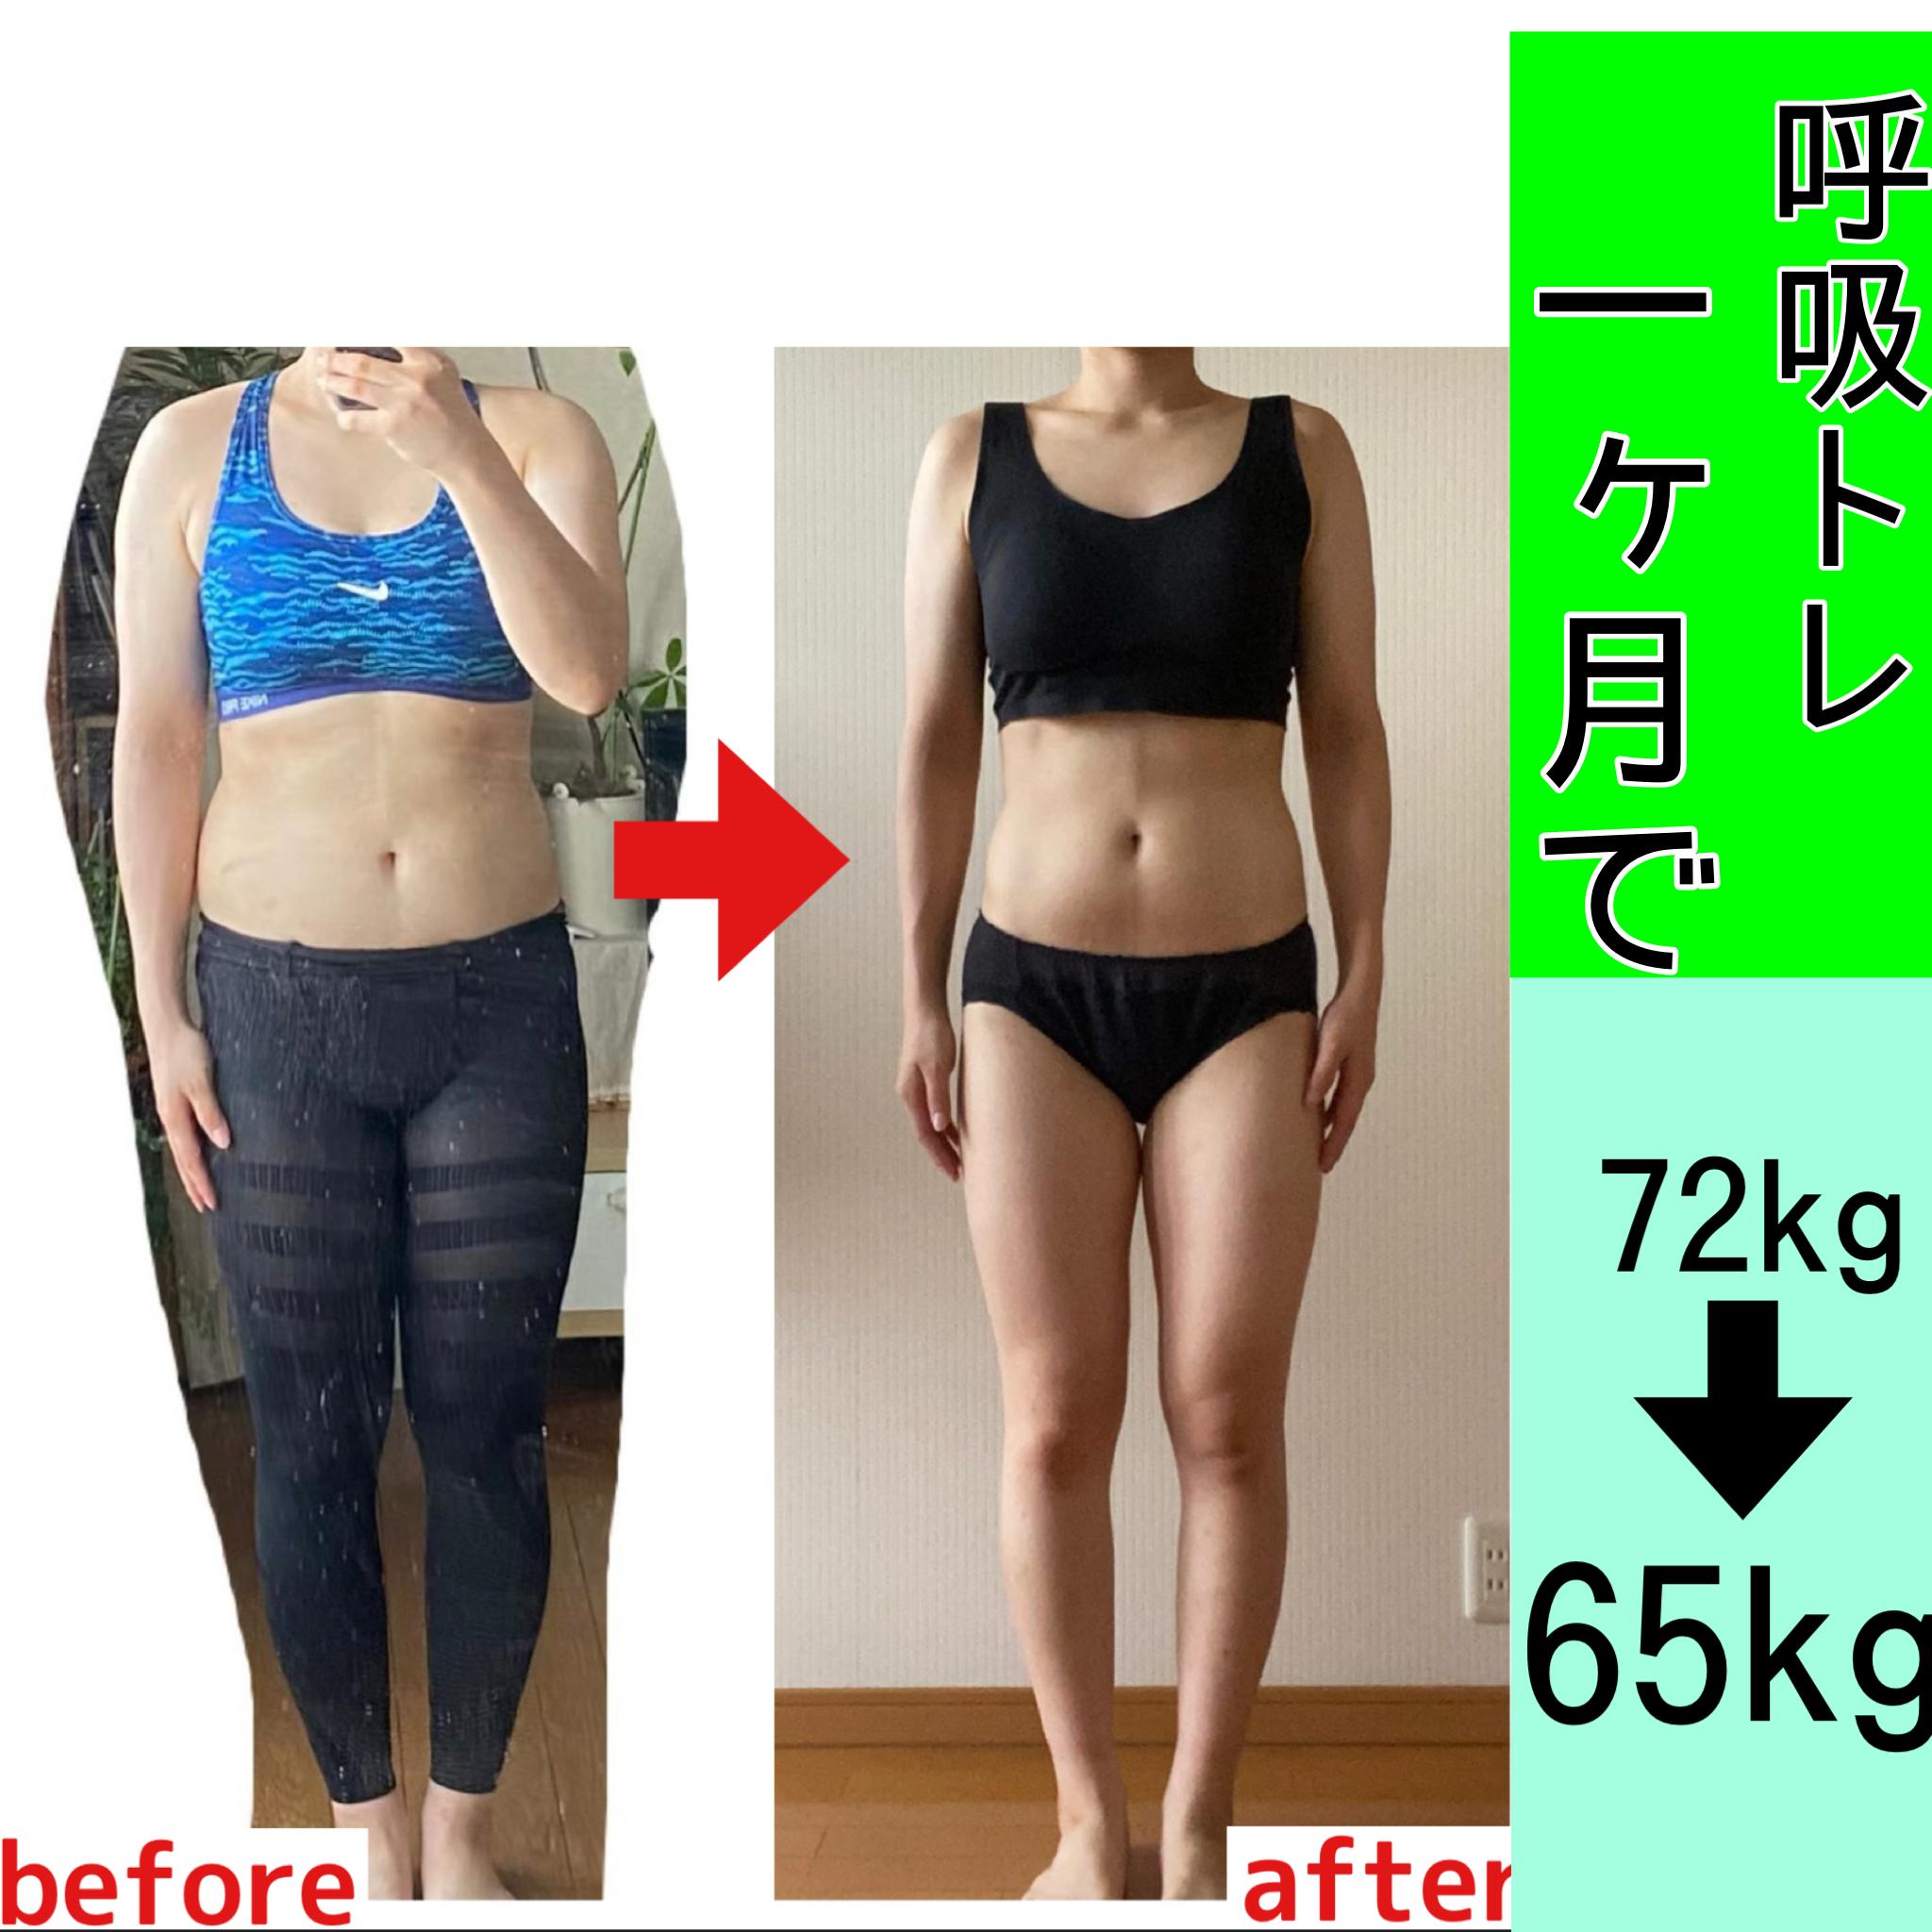 【3ヶ月で-7kg】1ヶ月に約-2kgペースで健康的に痩せました!衝撃のビフォアフがこちら